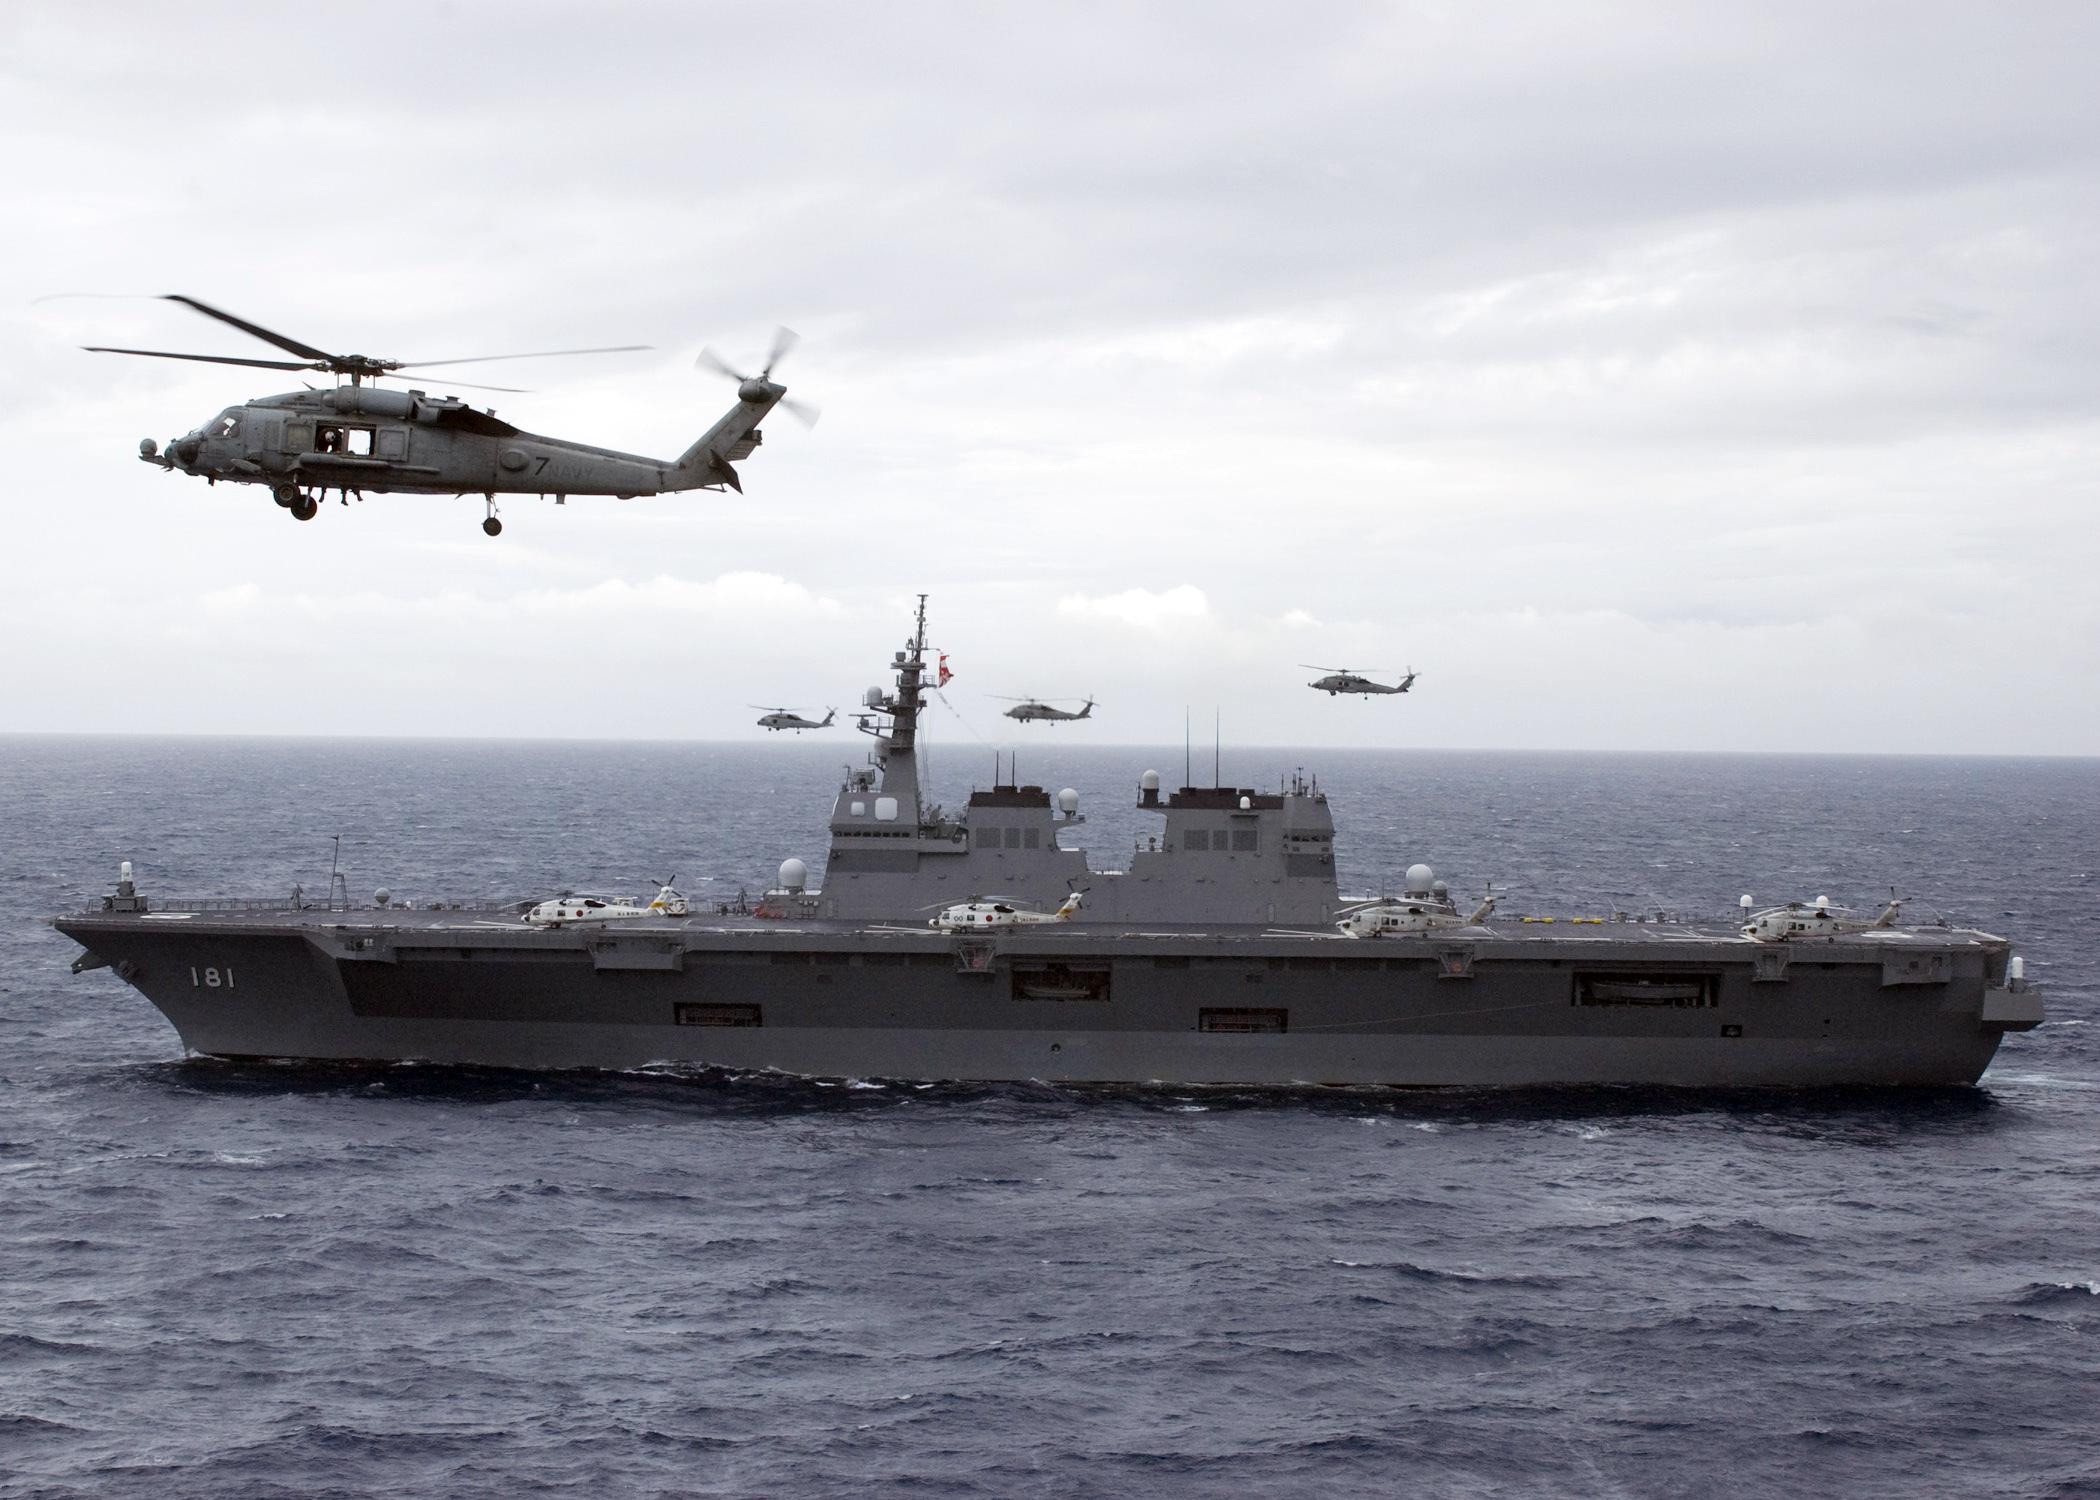 Fuerzas de Autodefensa de Japón (JSDF, 自衛隊 Jieitai) Helicopter_carrier_Hy%C5%ABga_%2816DDH%29